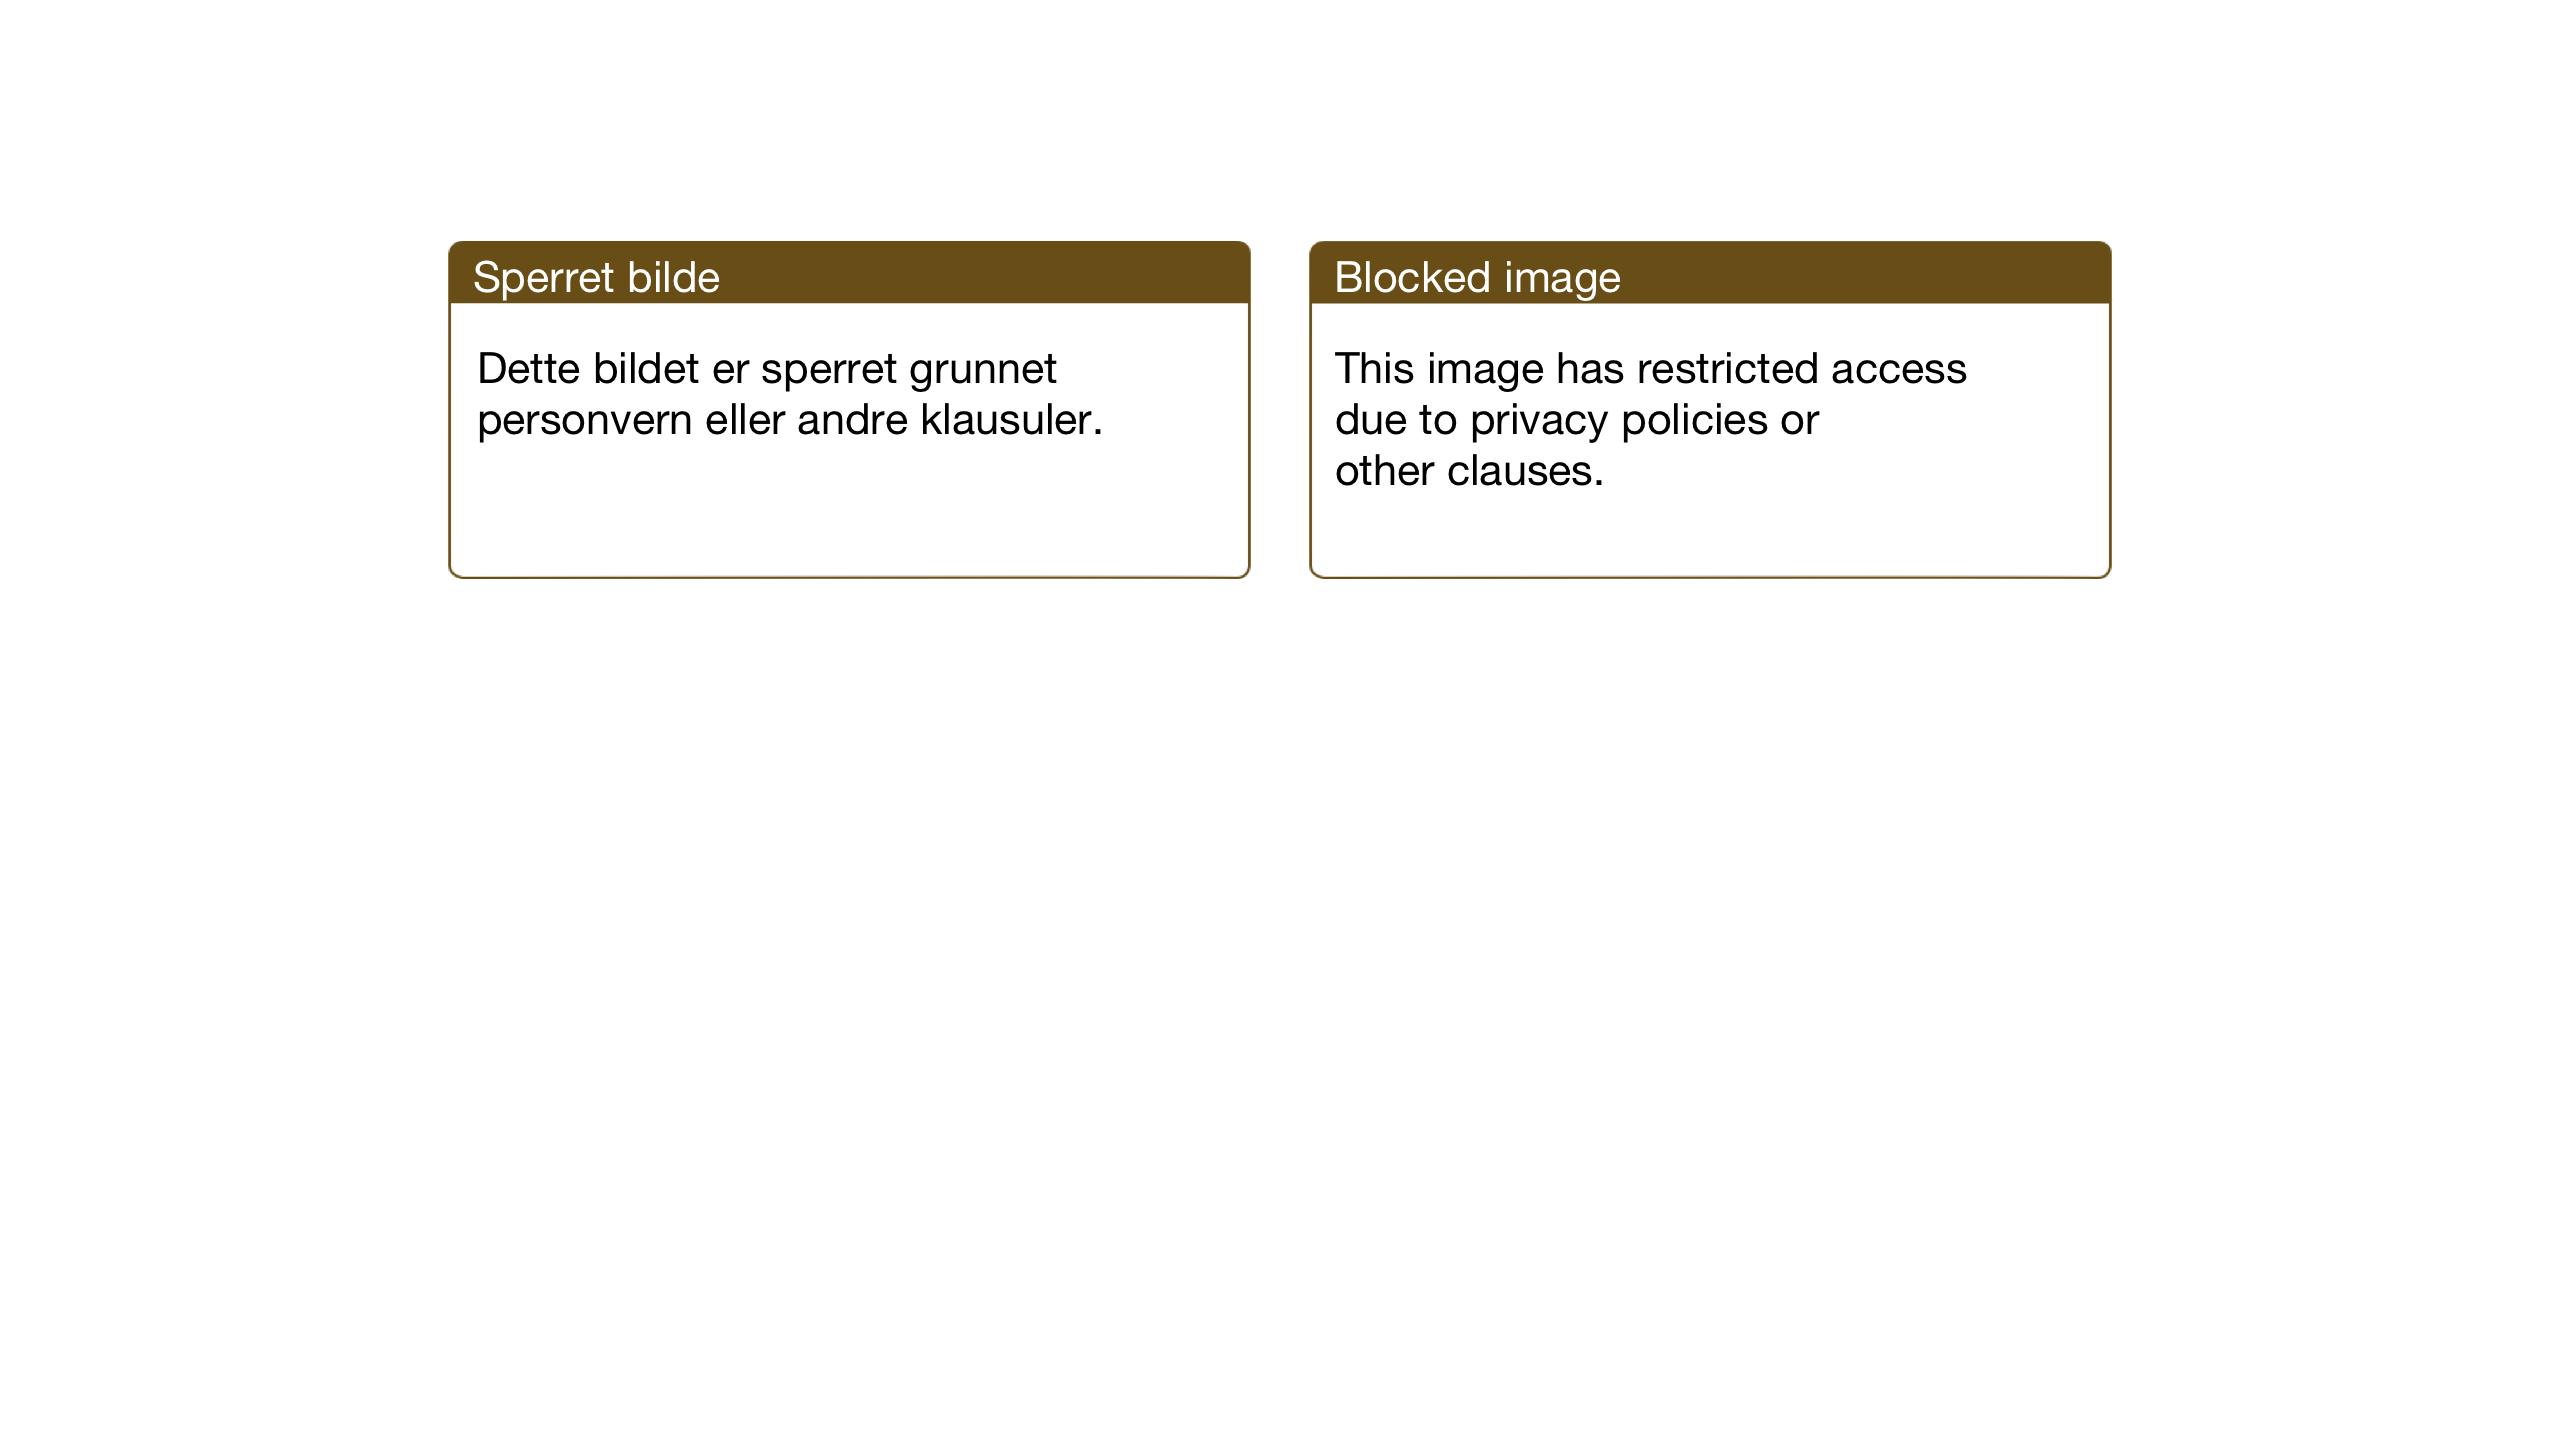 SAT, Ministerialprotokoller, klokkerbøker og fødselsregistre - Sør-Trøndelag, 616/L0424: Klokkerbok nr. 616C07, 1904-1940, s. 100